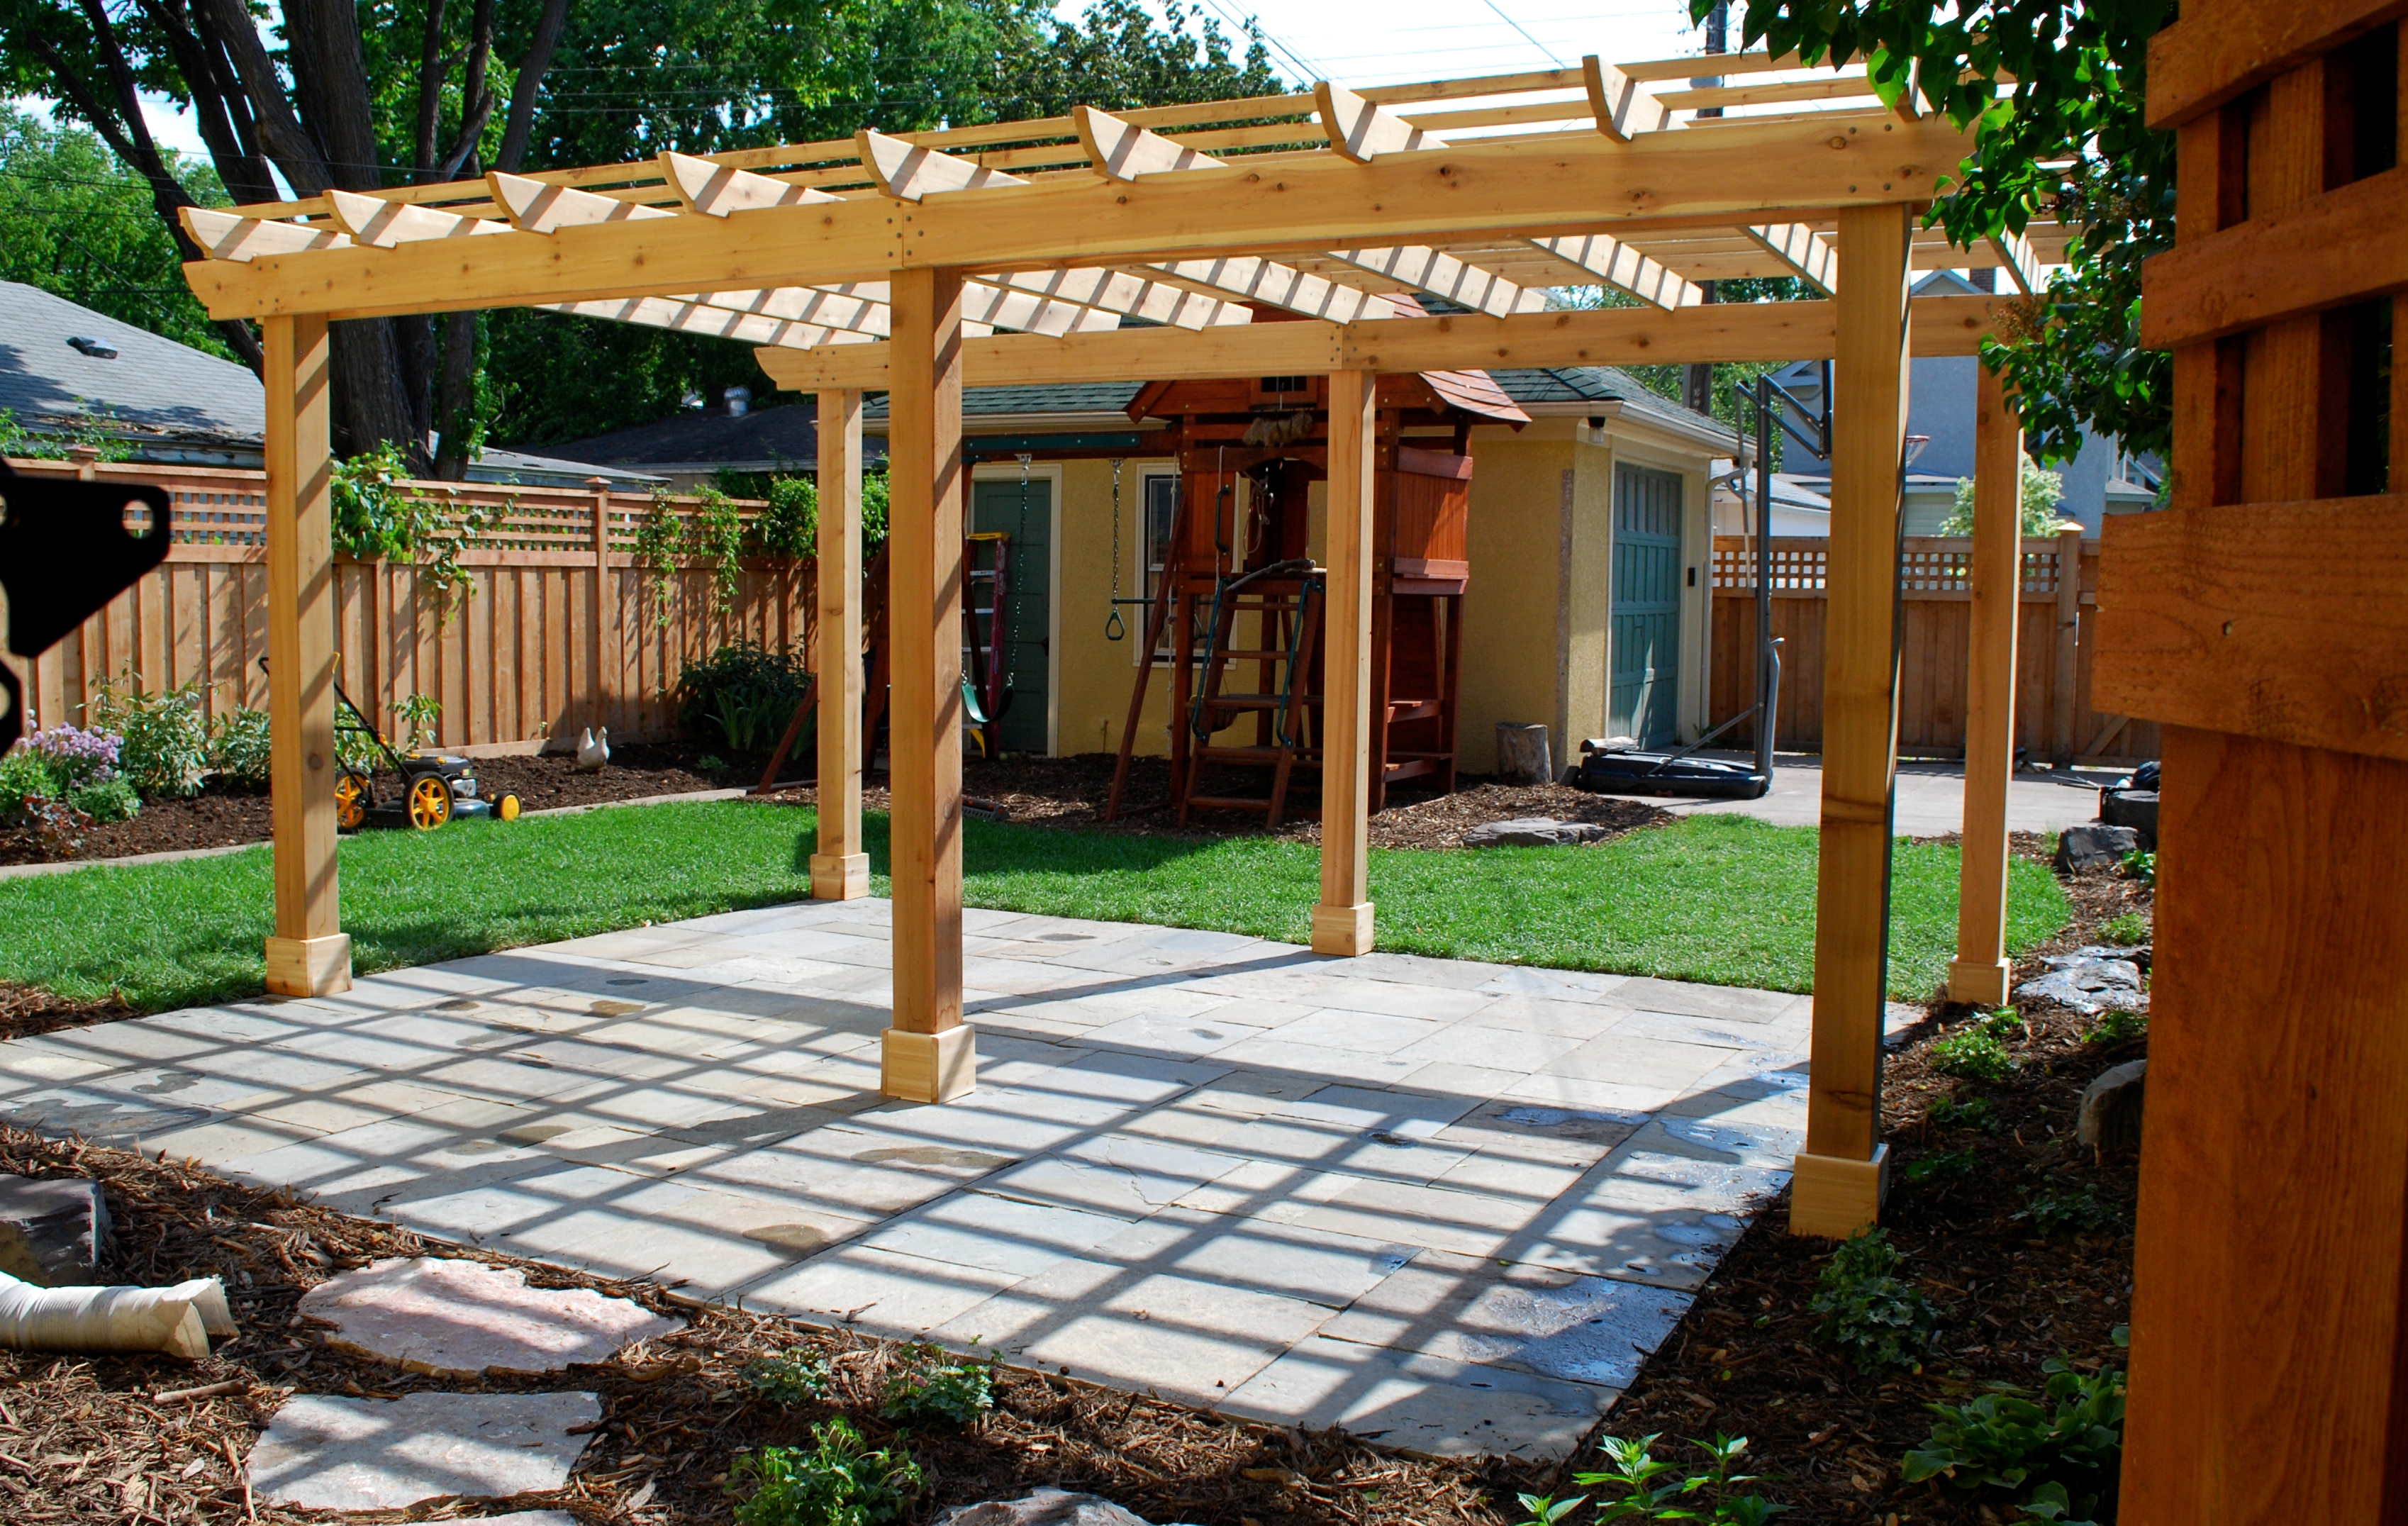 Houston Patio And Garden Locations - Patio Designs